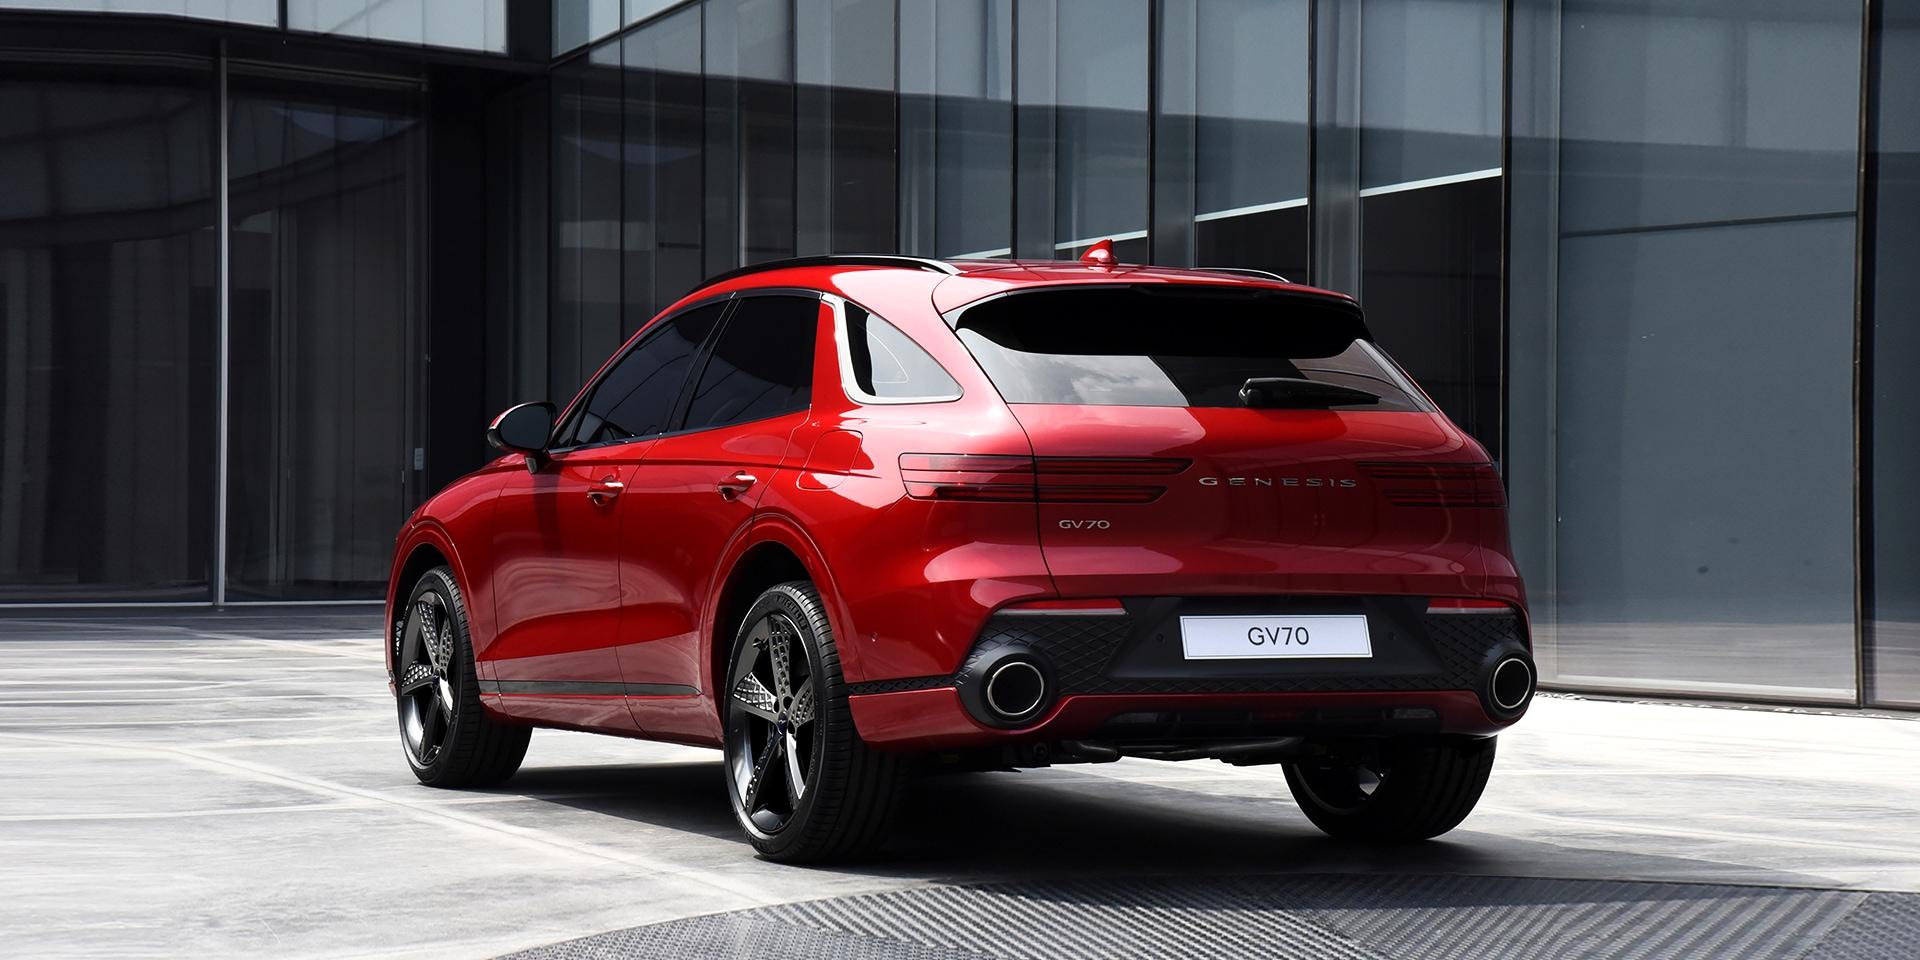 Genesis predstavil nové SUV GV70, konkurenta pre Q5, X3 a GLC